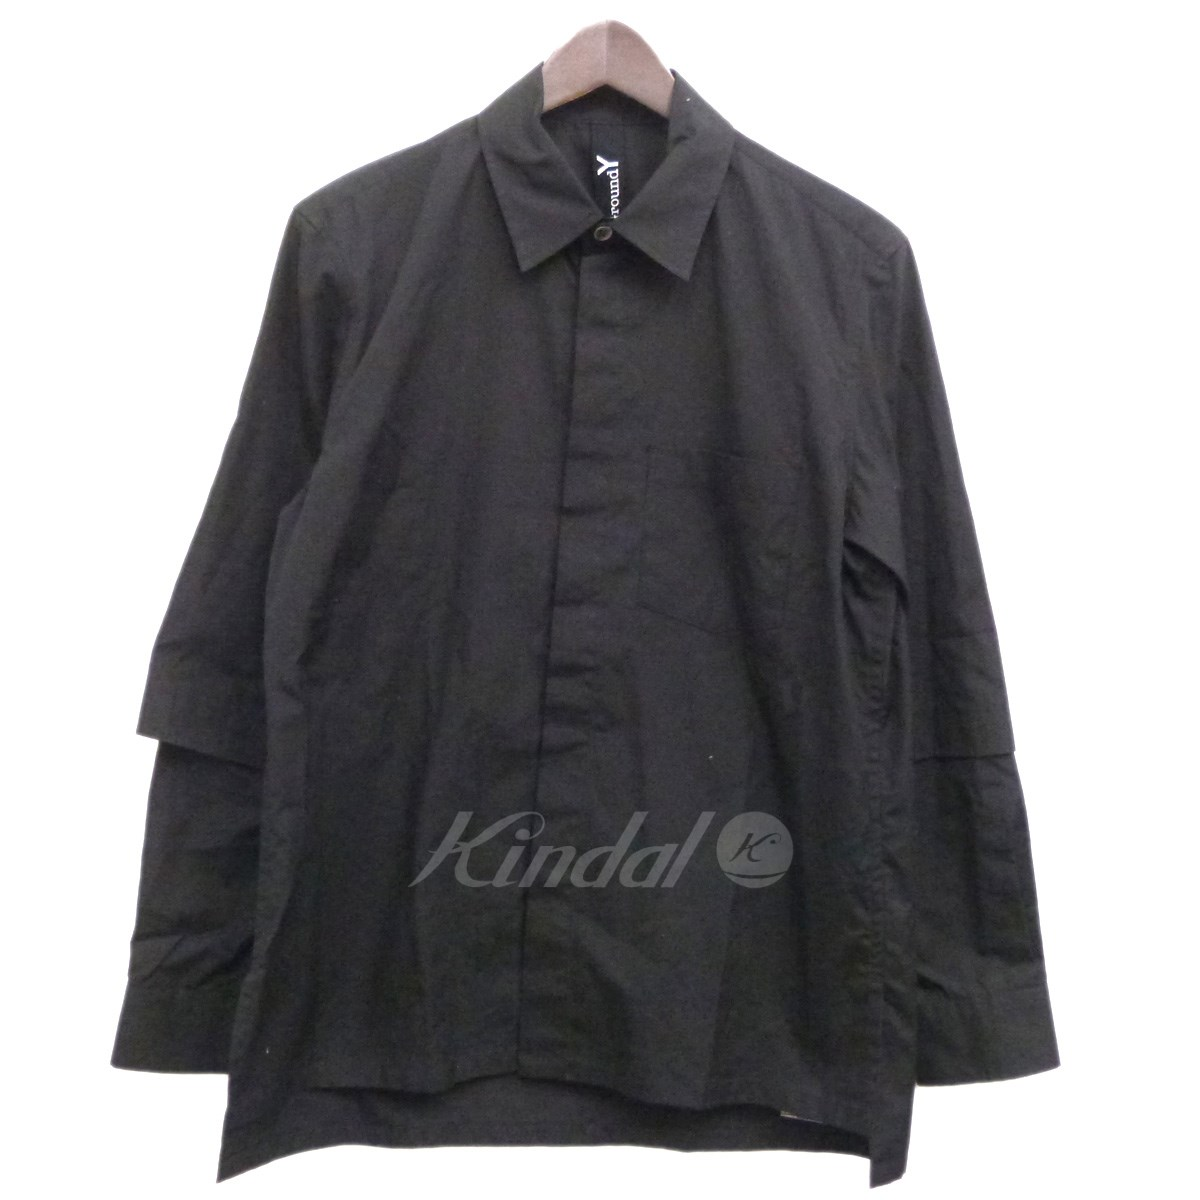 【中古】GROUND Y 18SS袖レイヤードシャツ ブラック サイズ:1 【090419】(グランド ワイ)